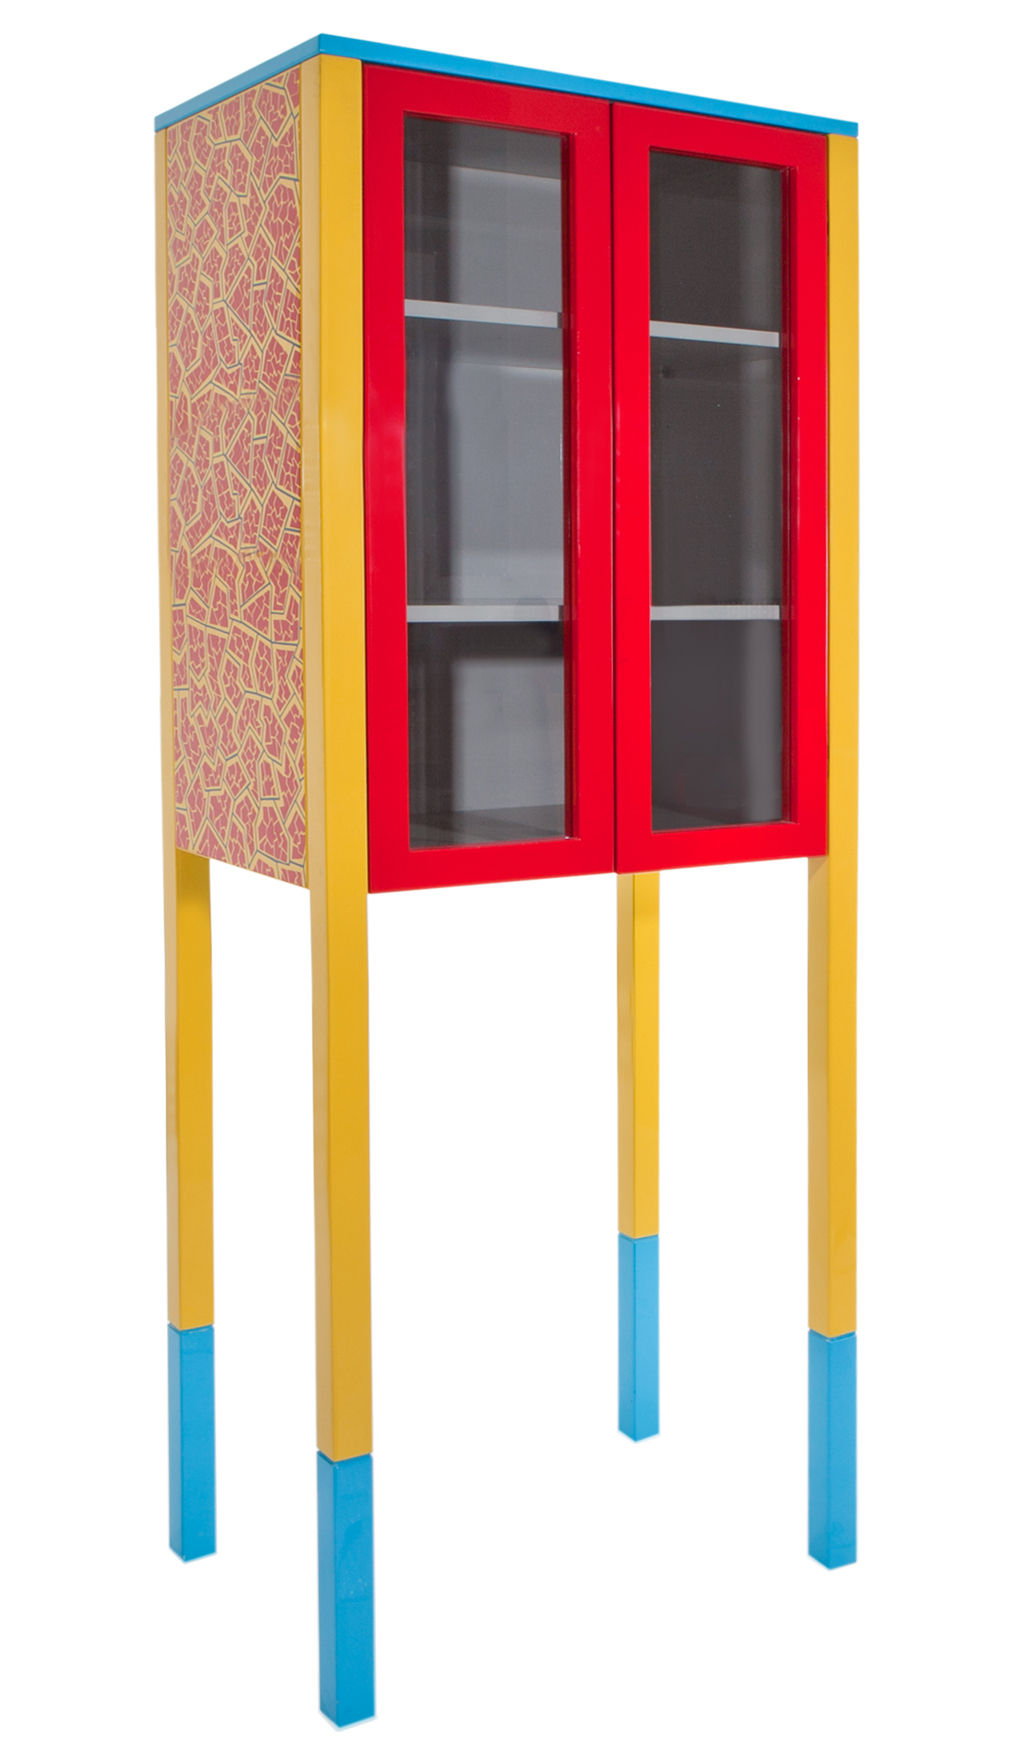 Arredamento - Raccoglitori - Armadietto D'Antibes - by George J. Sowden / 1981 di Memphis Milano - Giallo, rosso & blu - Legno laccato, Vetro